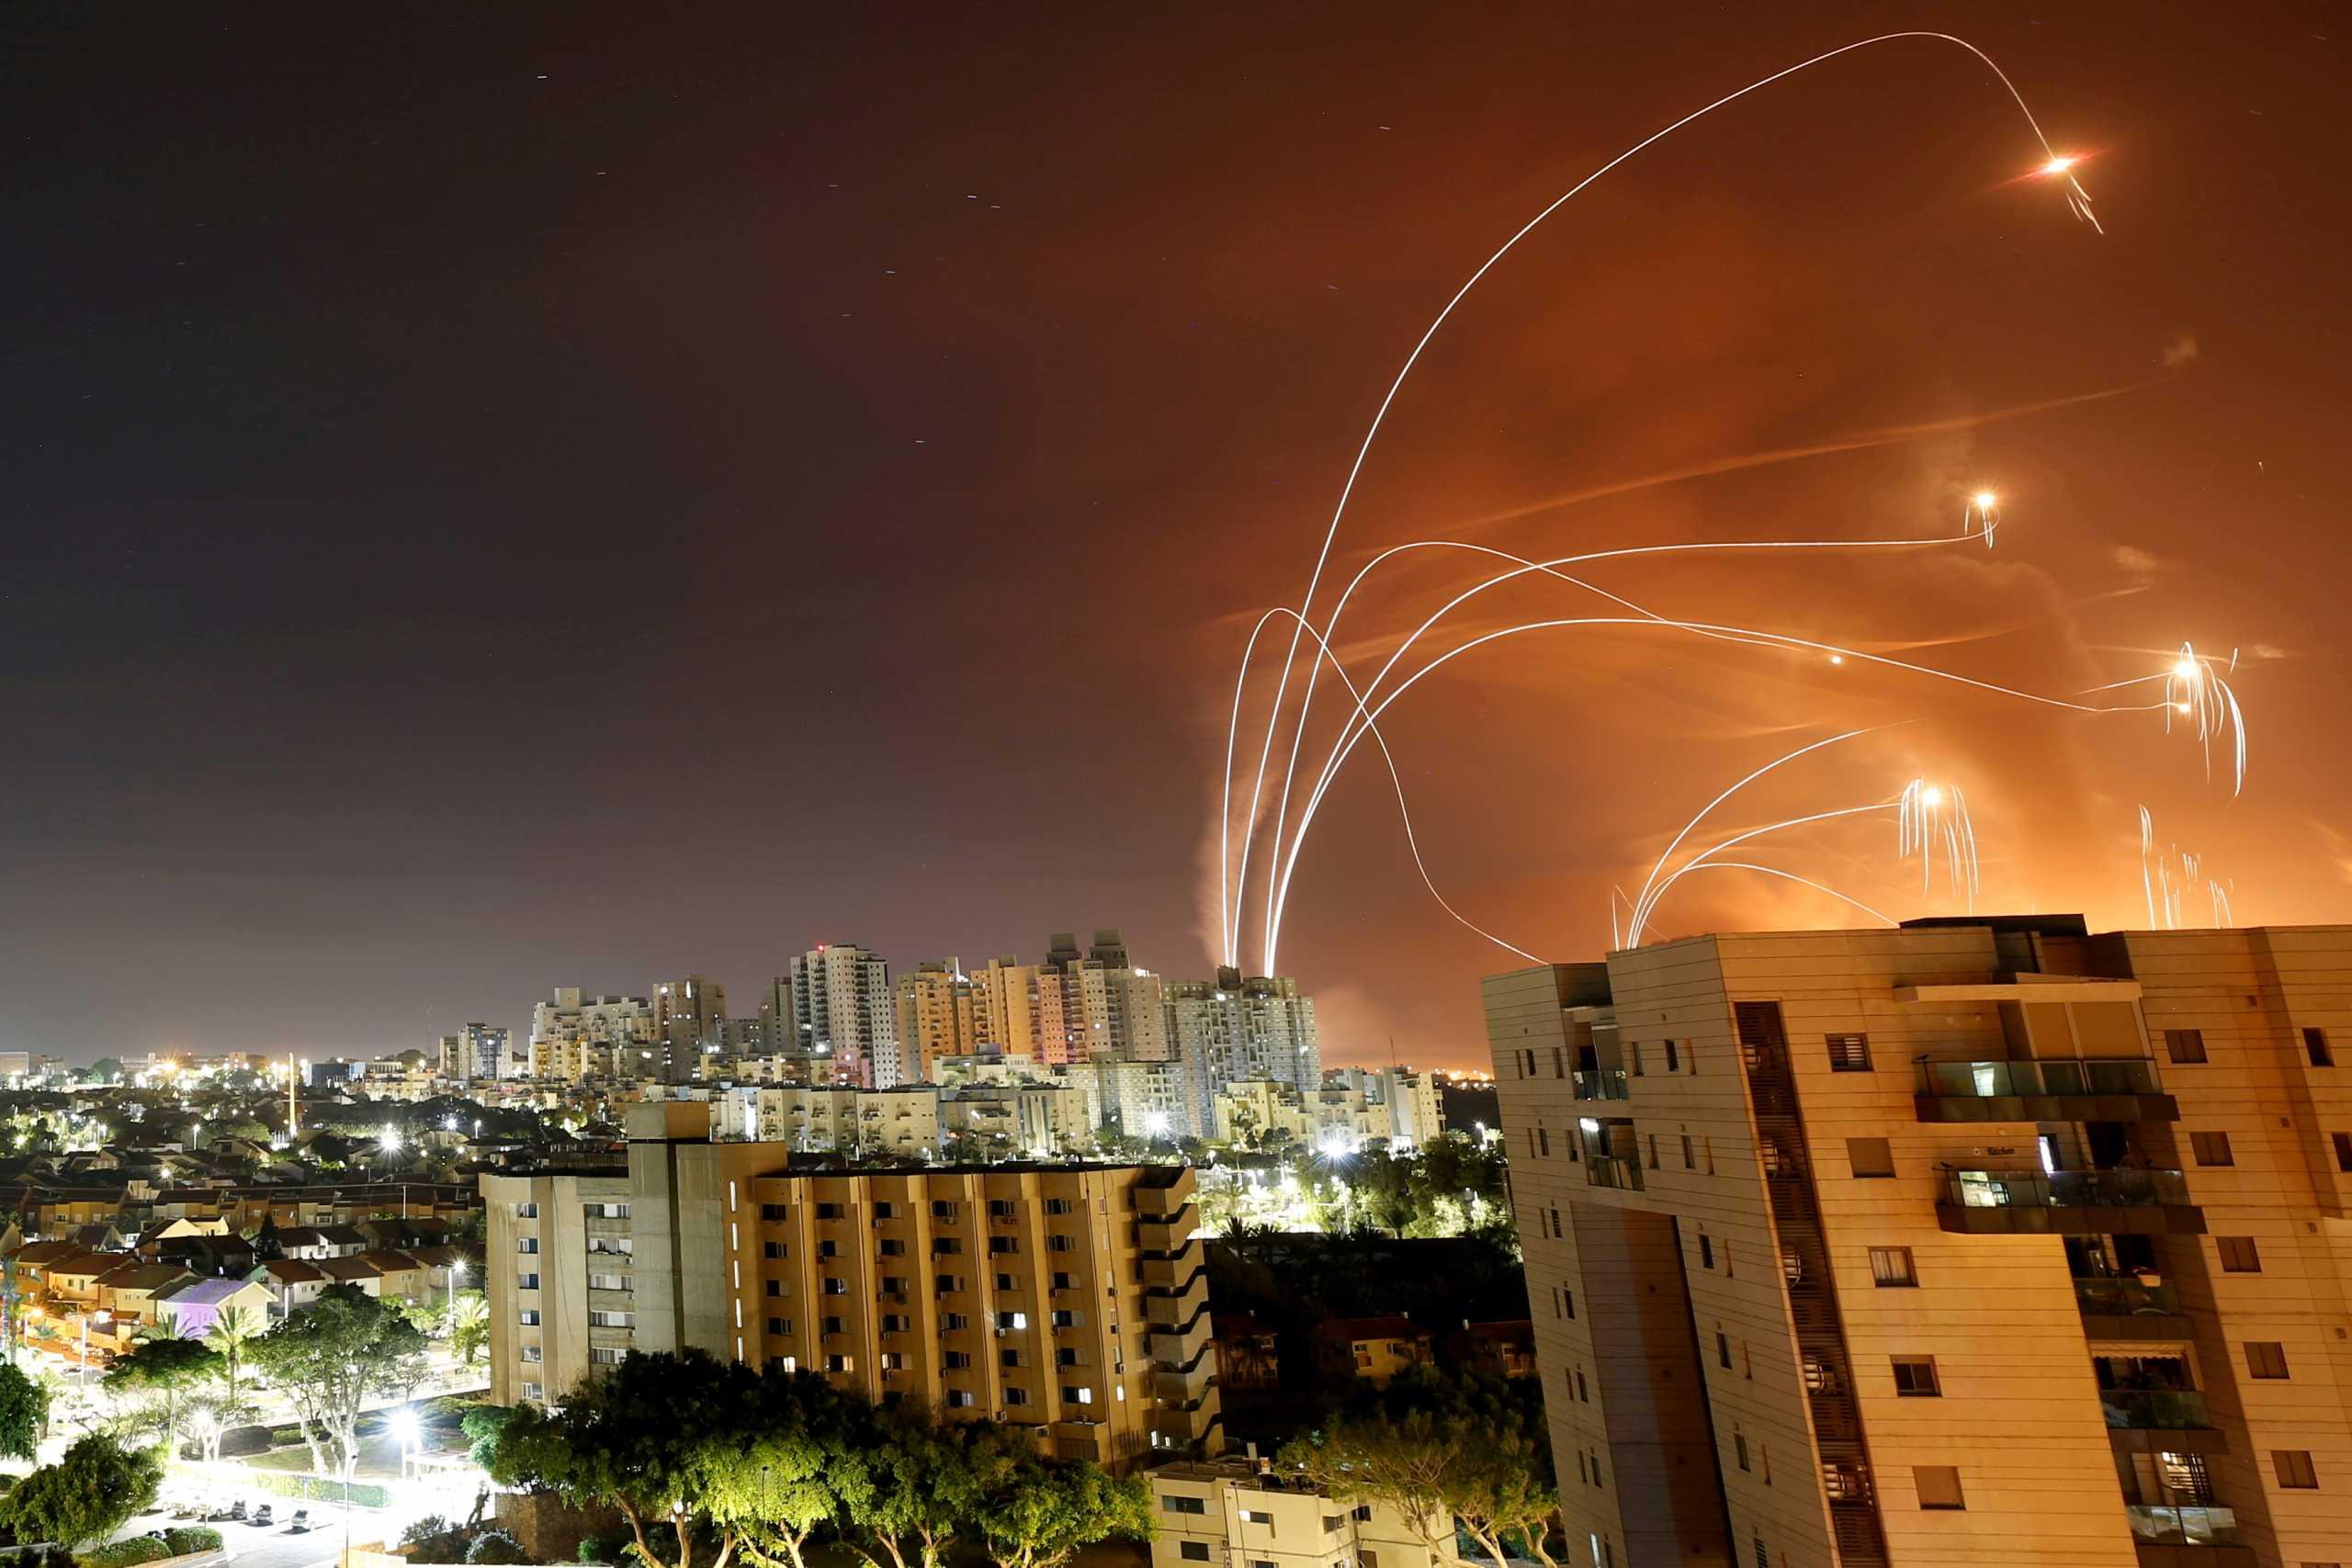 Τα μπαλόνια από τη Γάζα έφεραν νέο βομβαρδισμό από το Ισραήλ